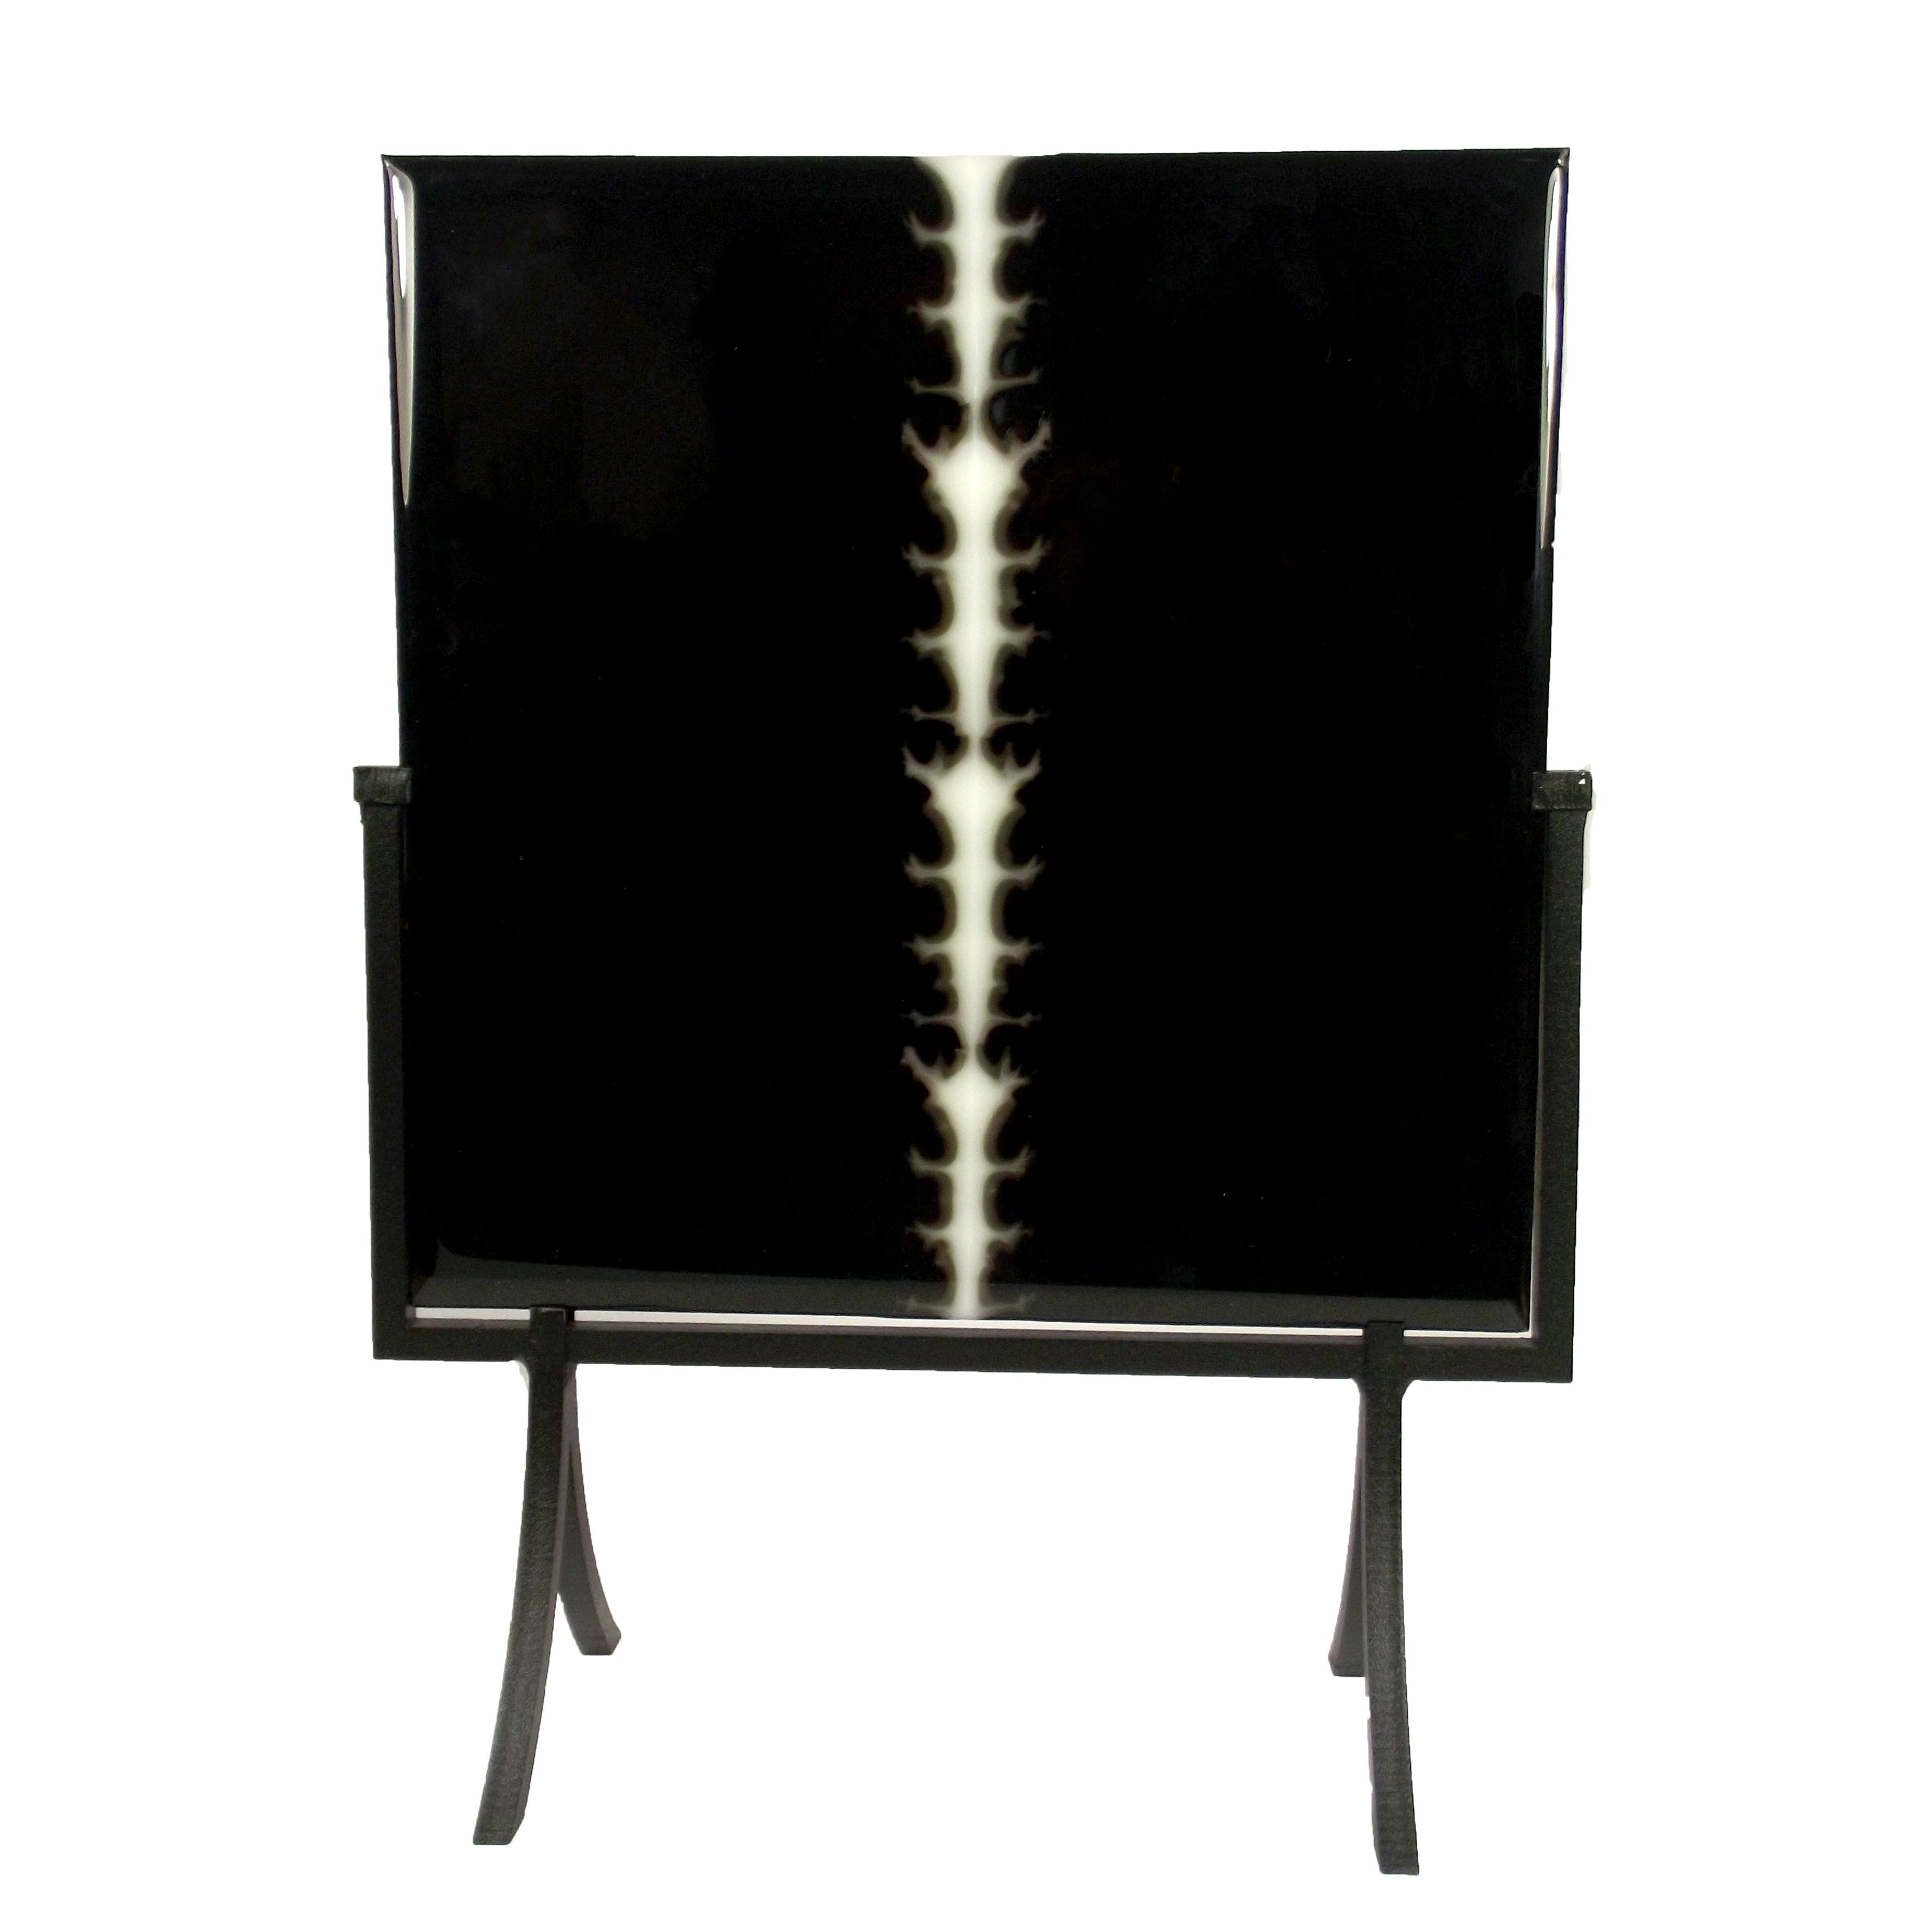 Simon Alderson Rorschach Spine.jpg